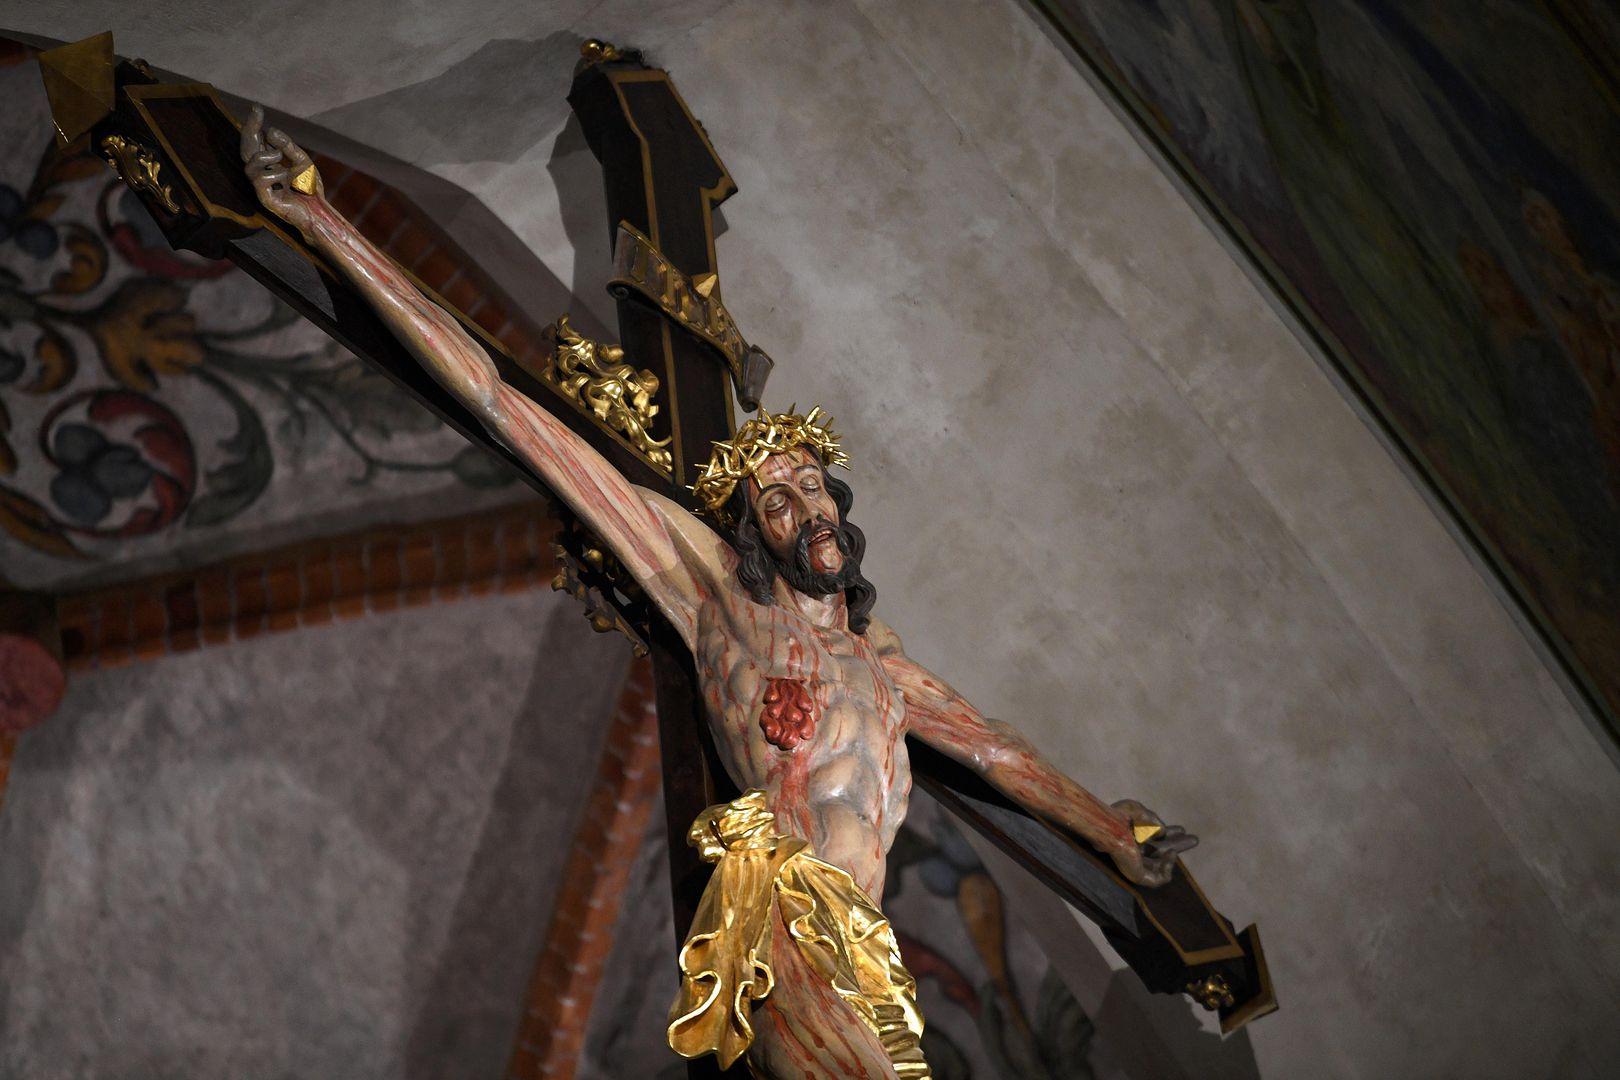 Osaczał i wykorzystywał. Jak działała sekta u dominikanów?